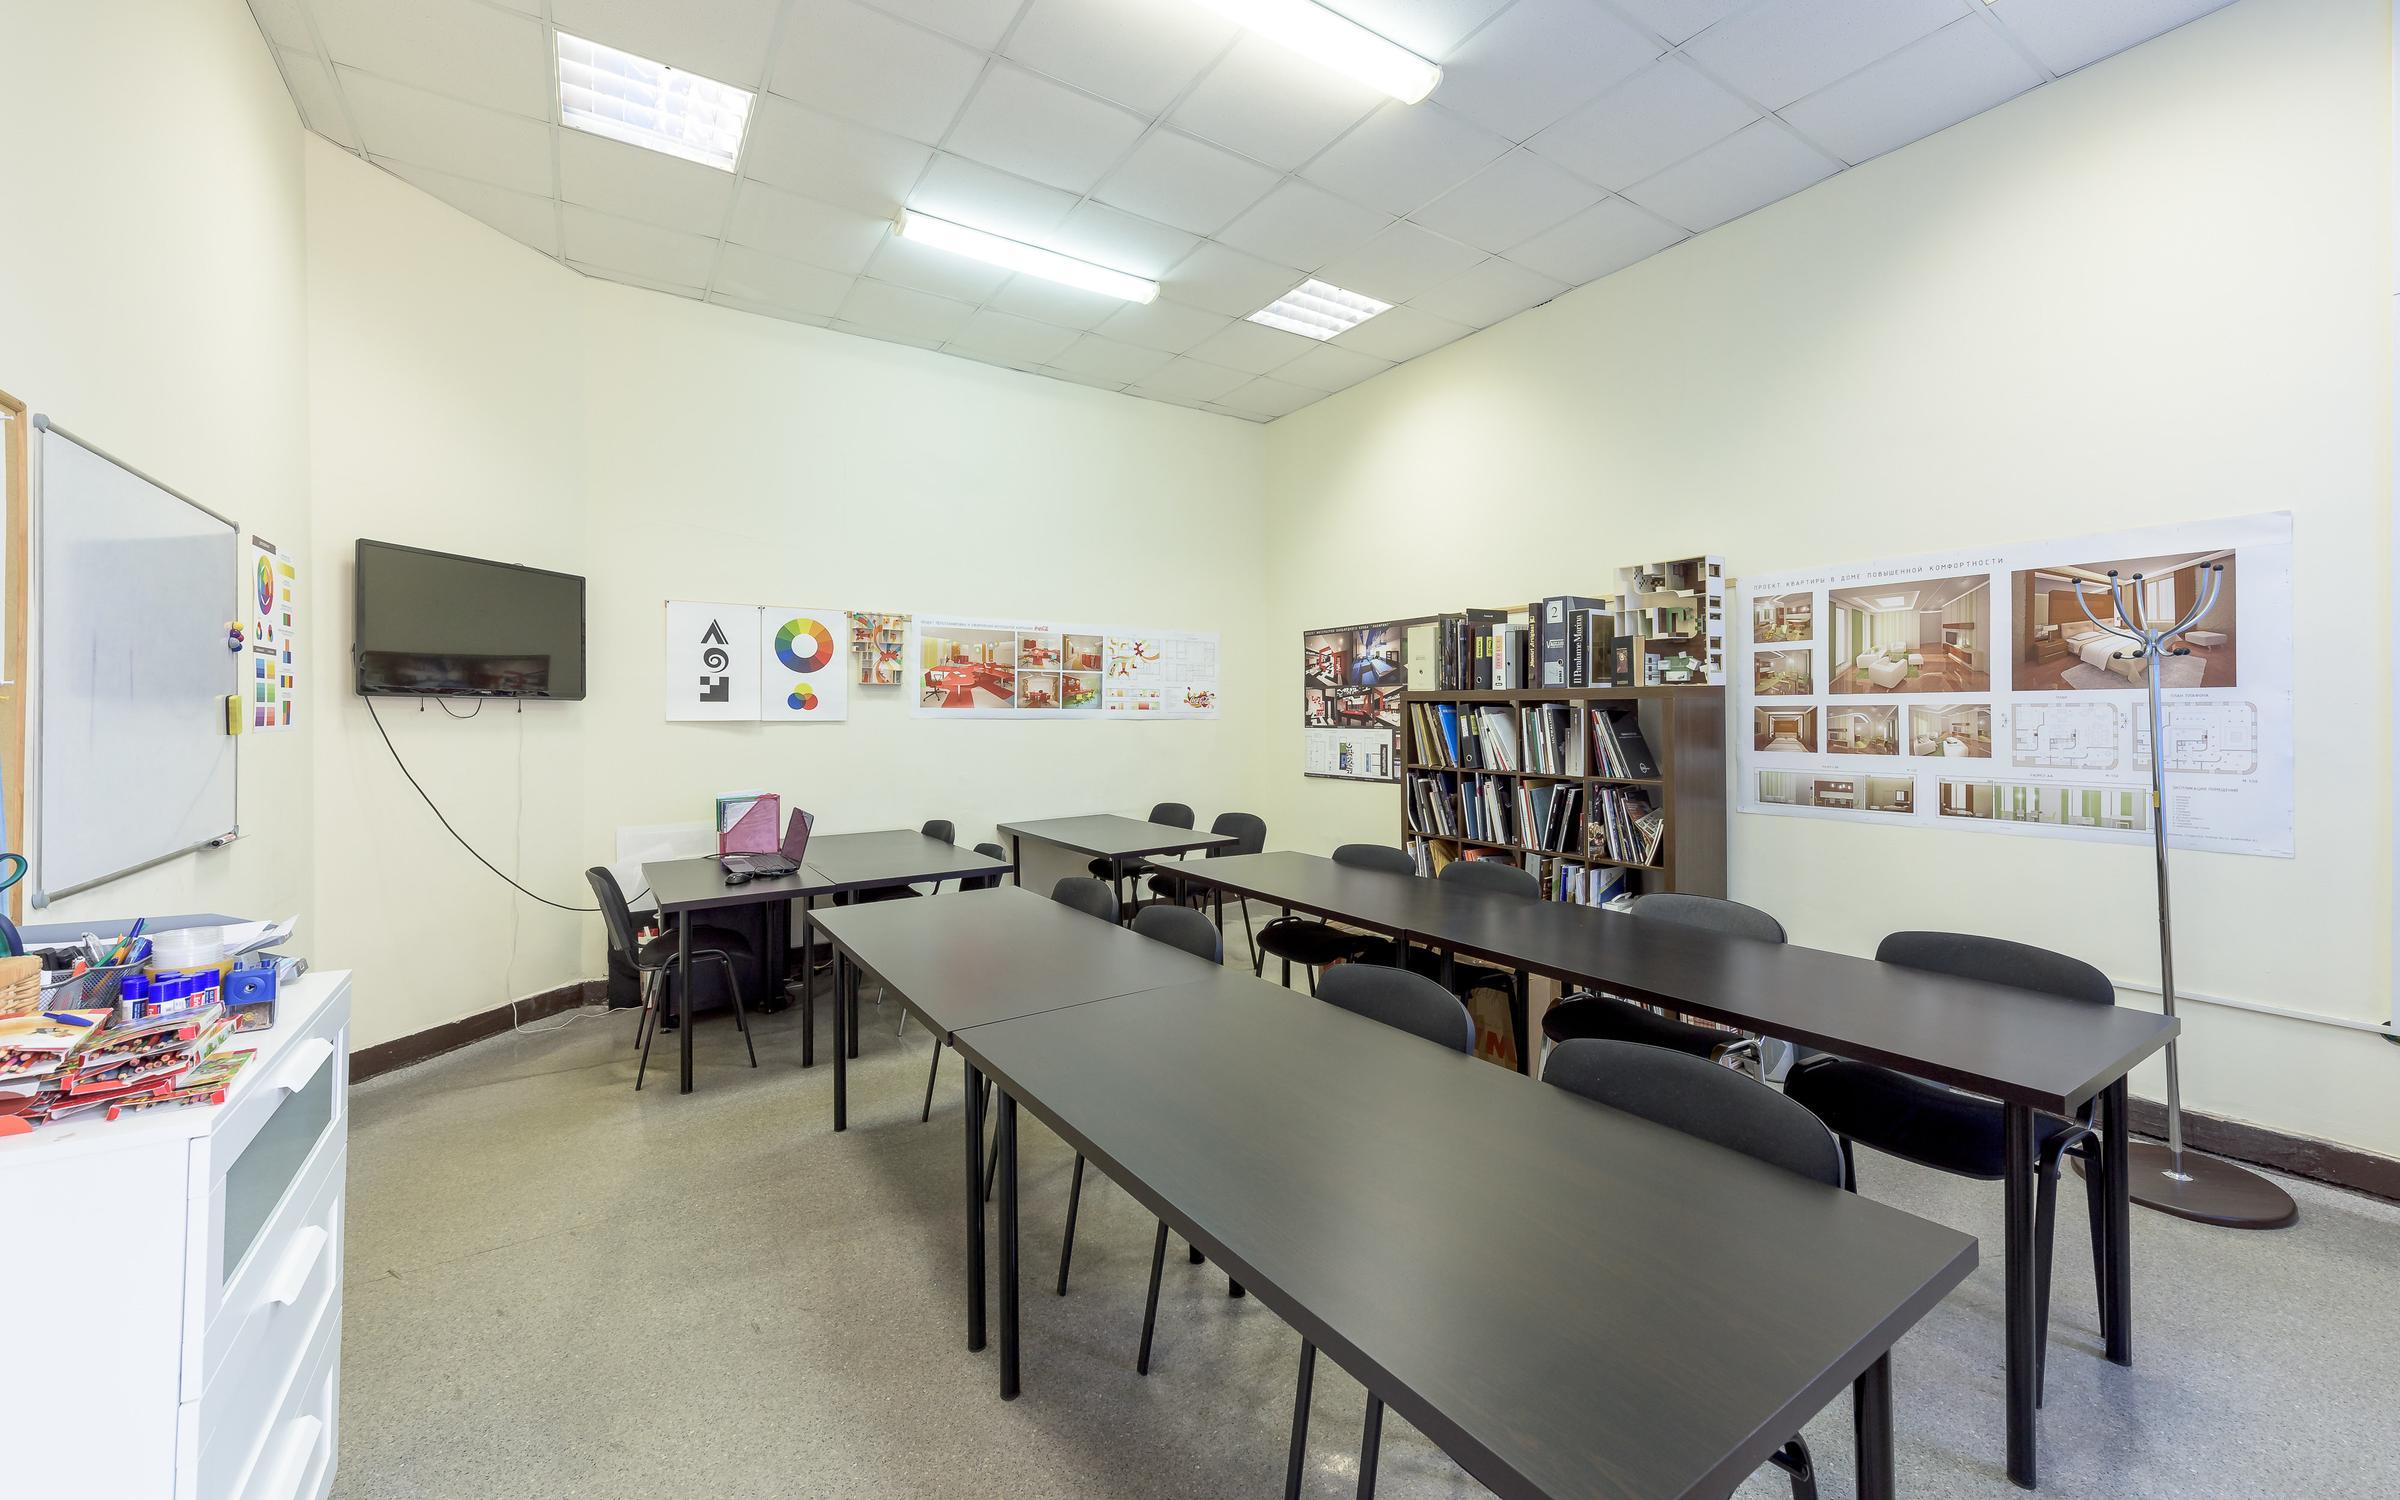 фотография Учебного центра Статус на улице Восстания